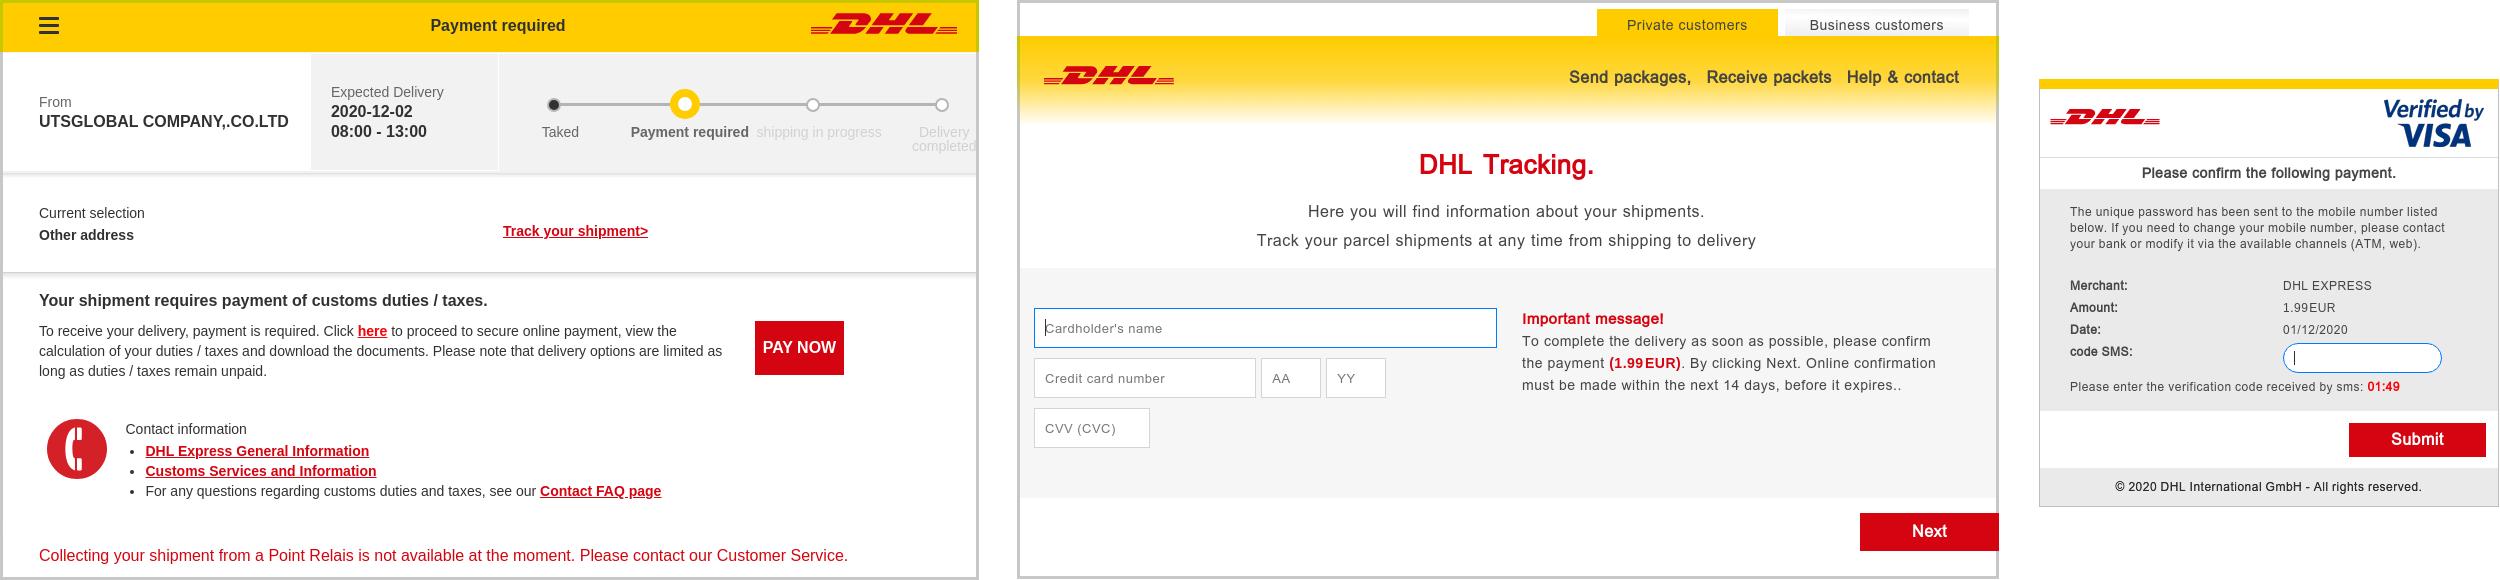 Sur le faux site Internet, les utilisateurs doivent saisir certaines informations personnelles, les renseignements relatifs à leur carte bleue puis un code reçu par SMS pour vérifier la transaction